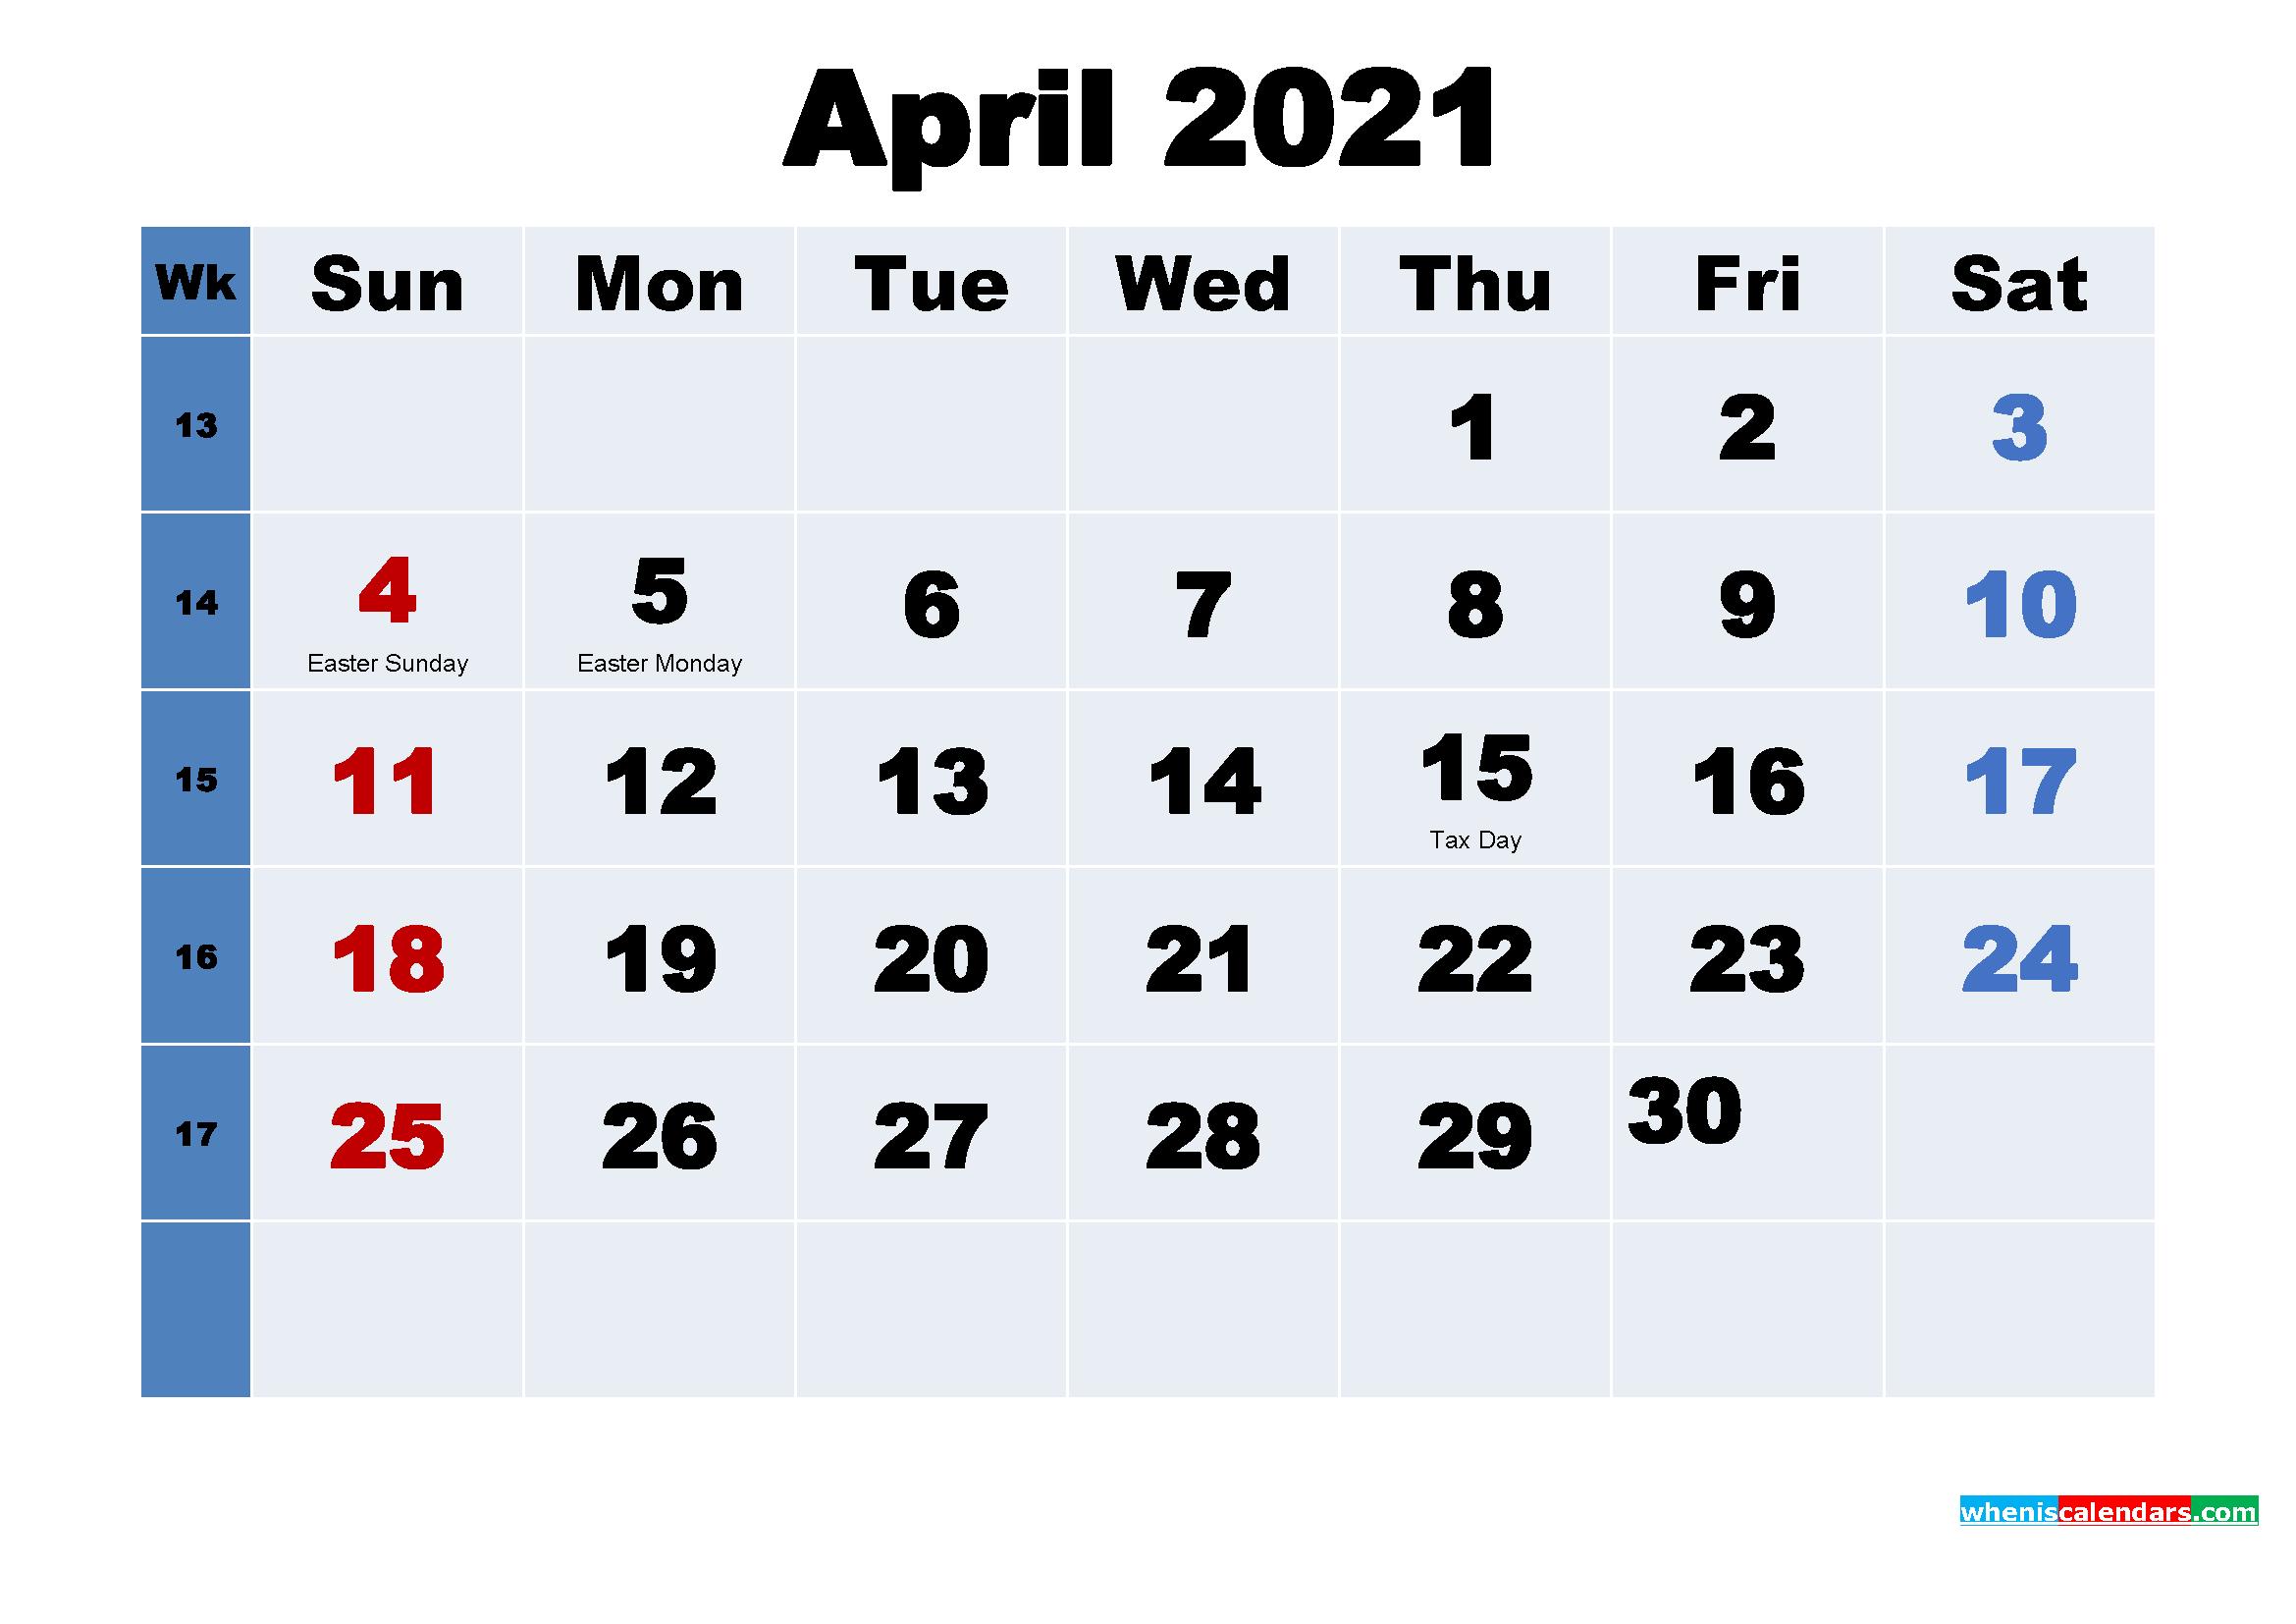 April 2021 Desktop Calendar with Holidays